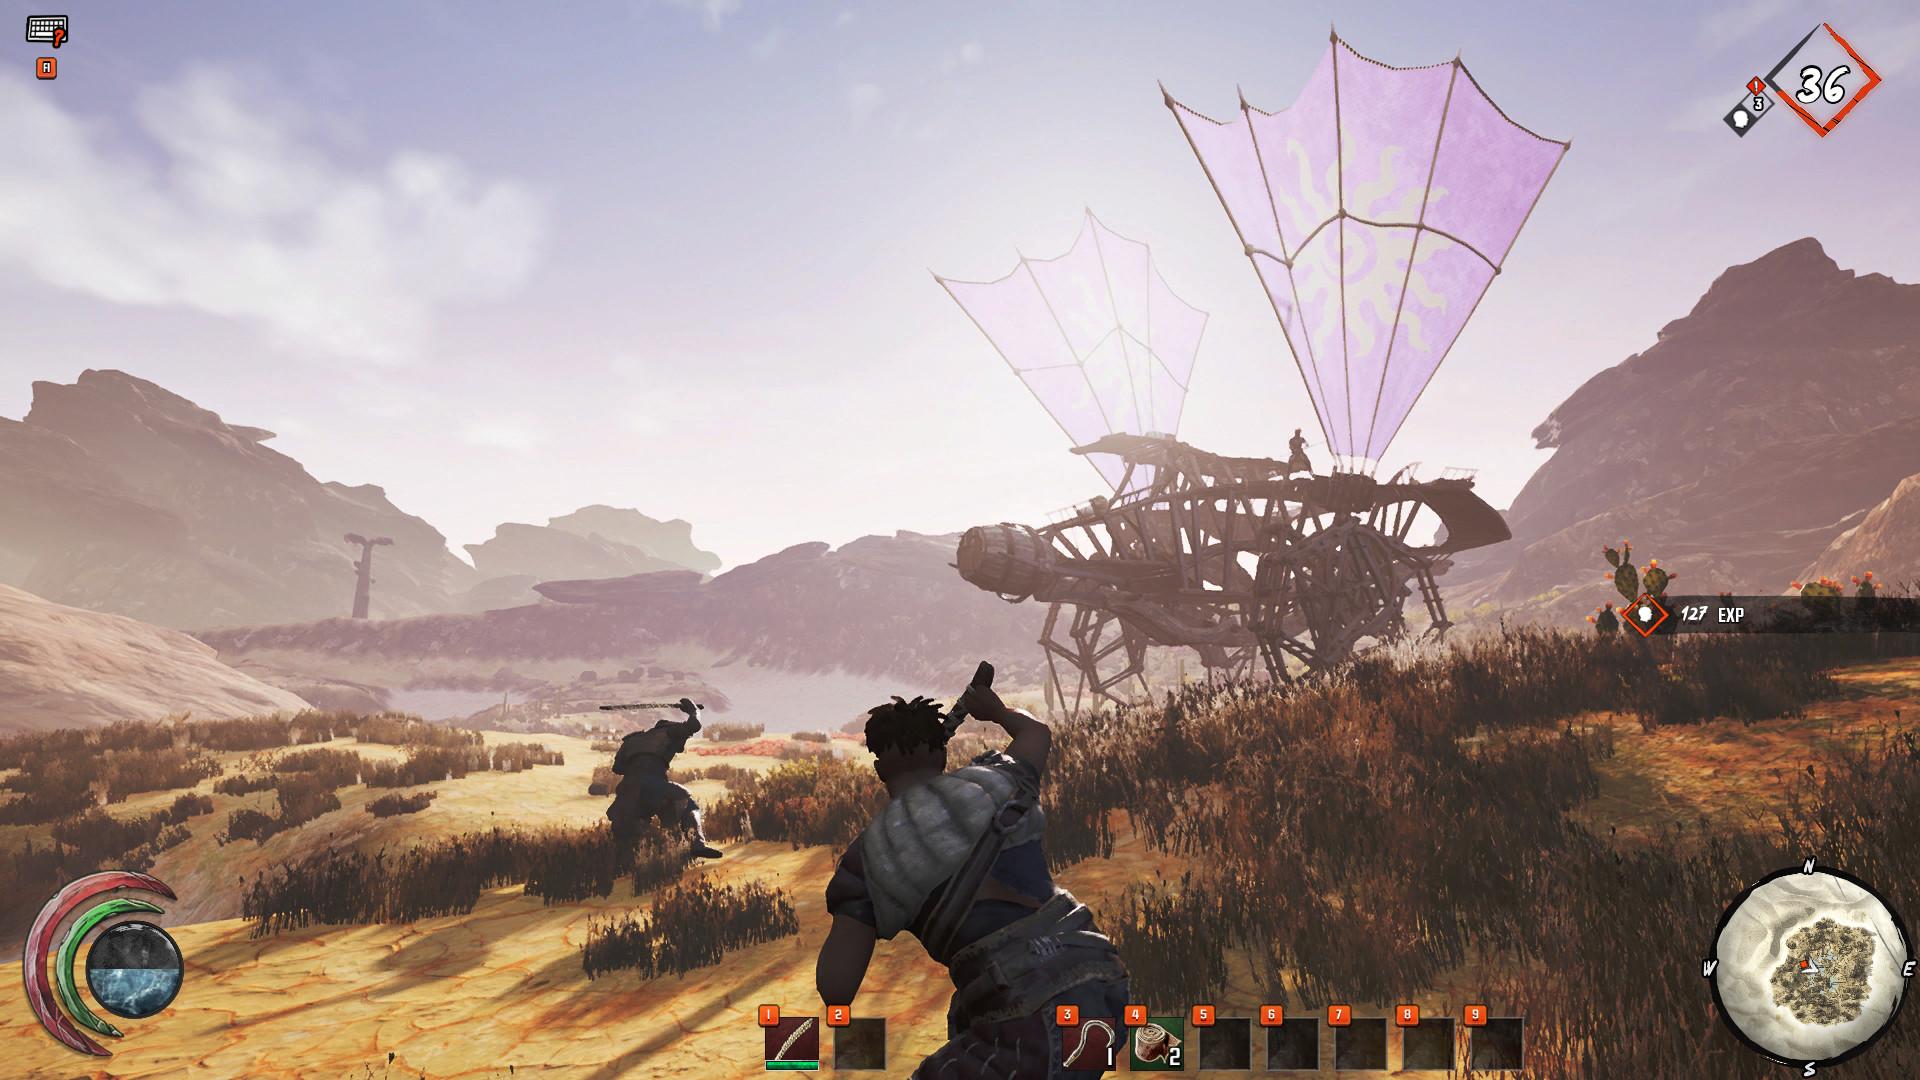 废土游牧生存类MMO《最后的绿洲》登陆Steam抢先体验 发售特惠89元